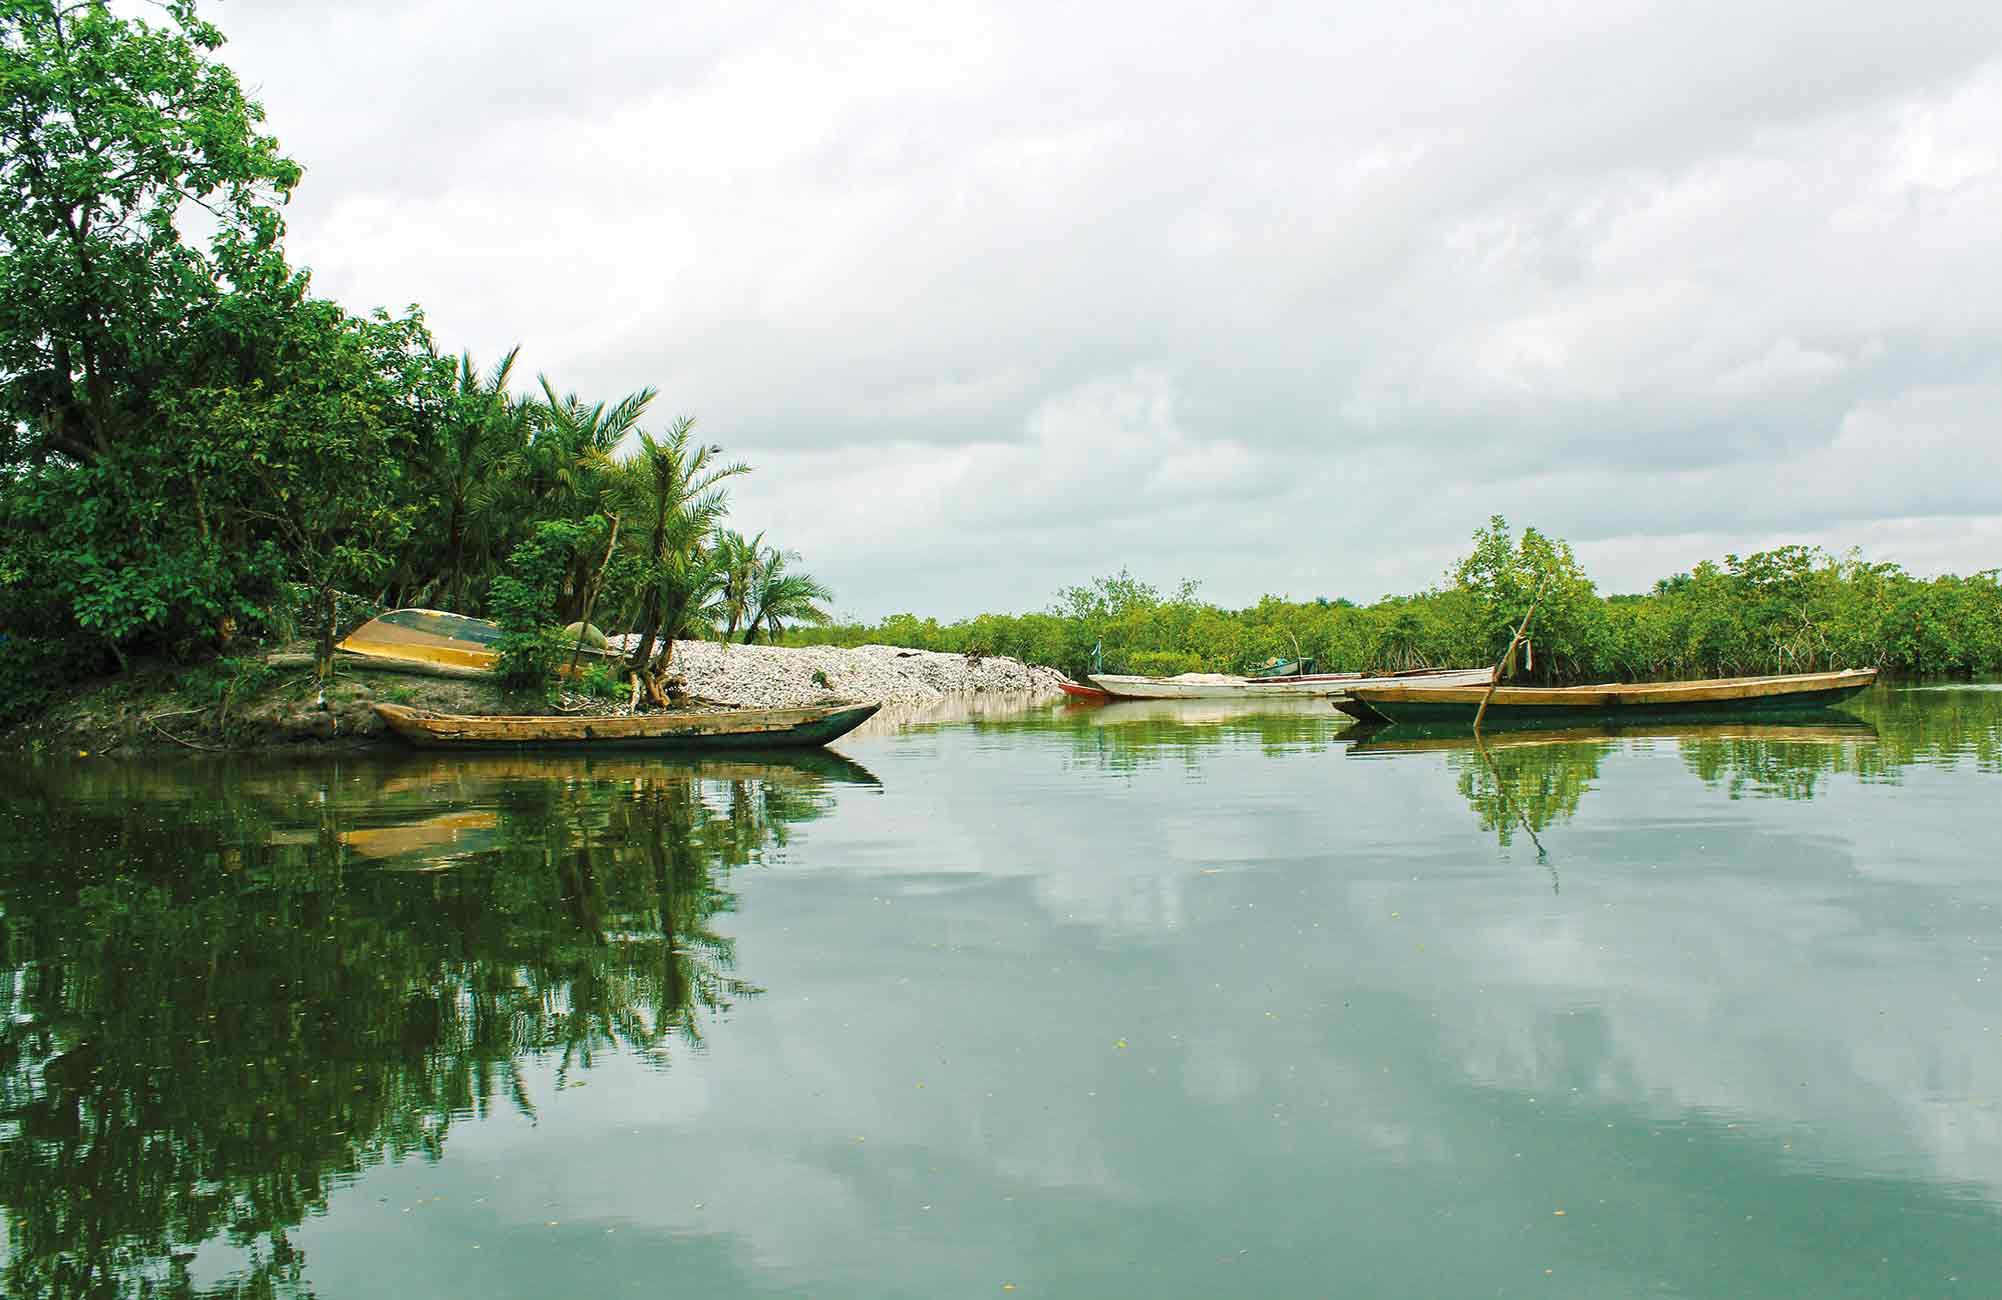 rives du fleuve Gambie lors d'une croisière fluviale de luxe avec Amplitudes